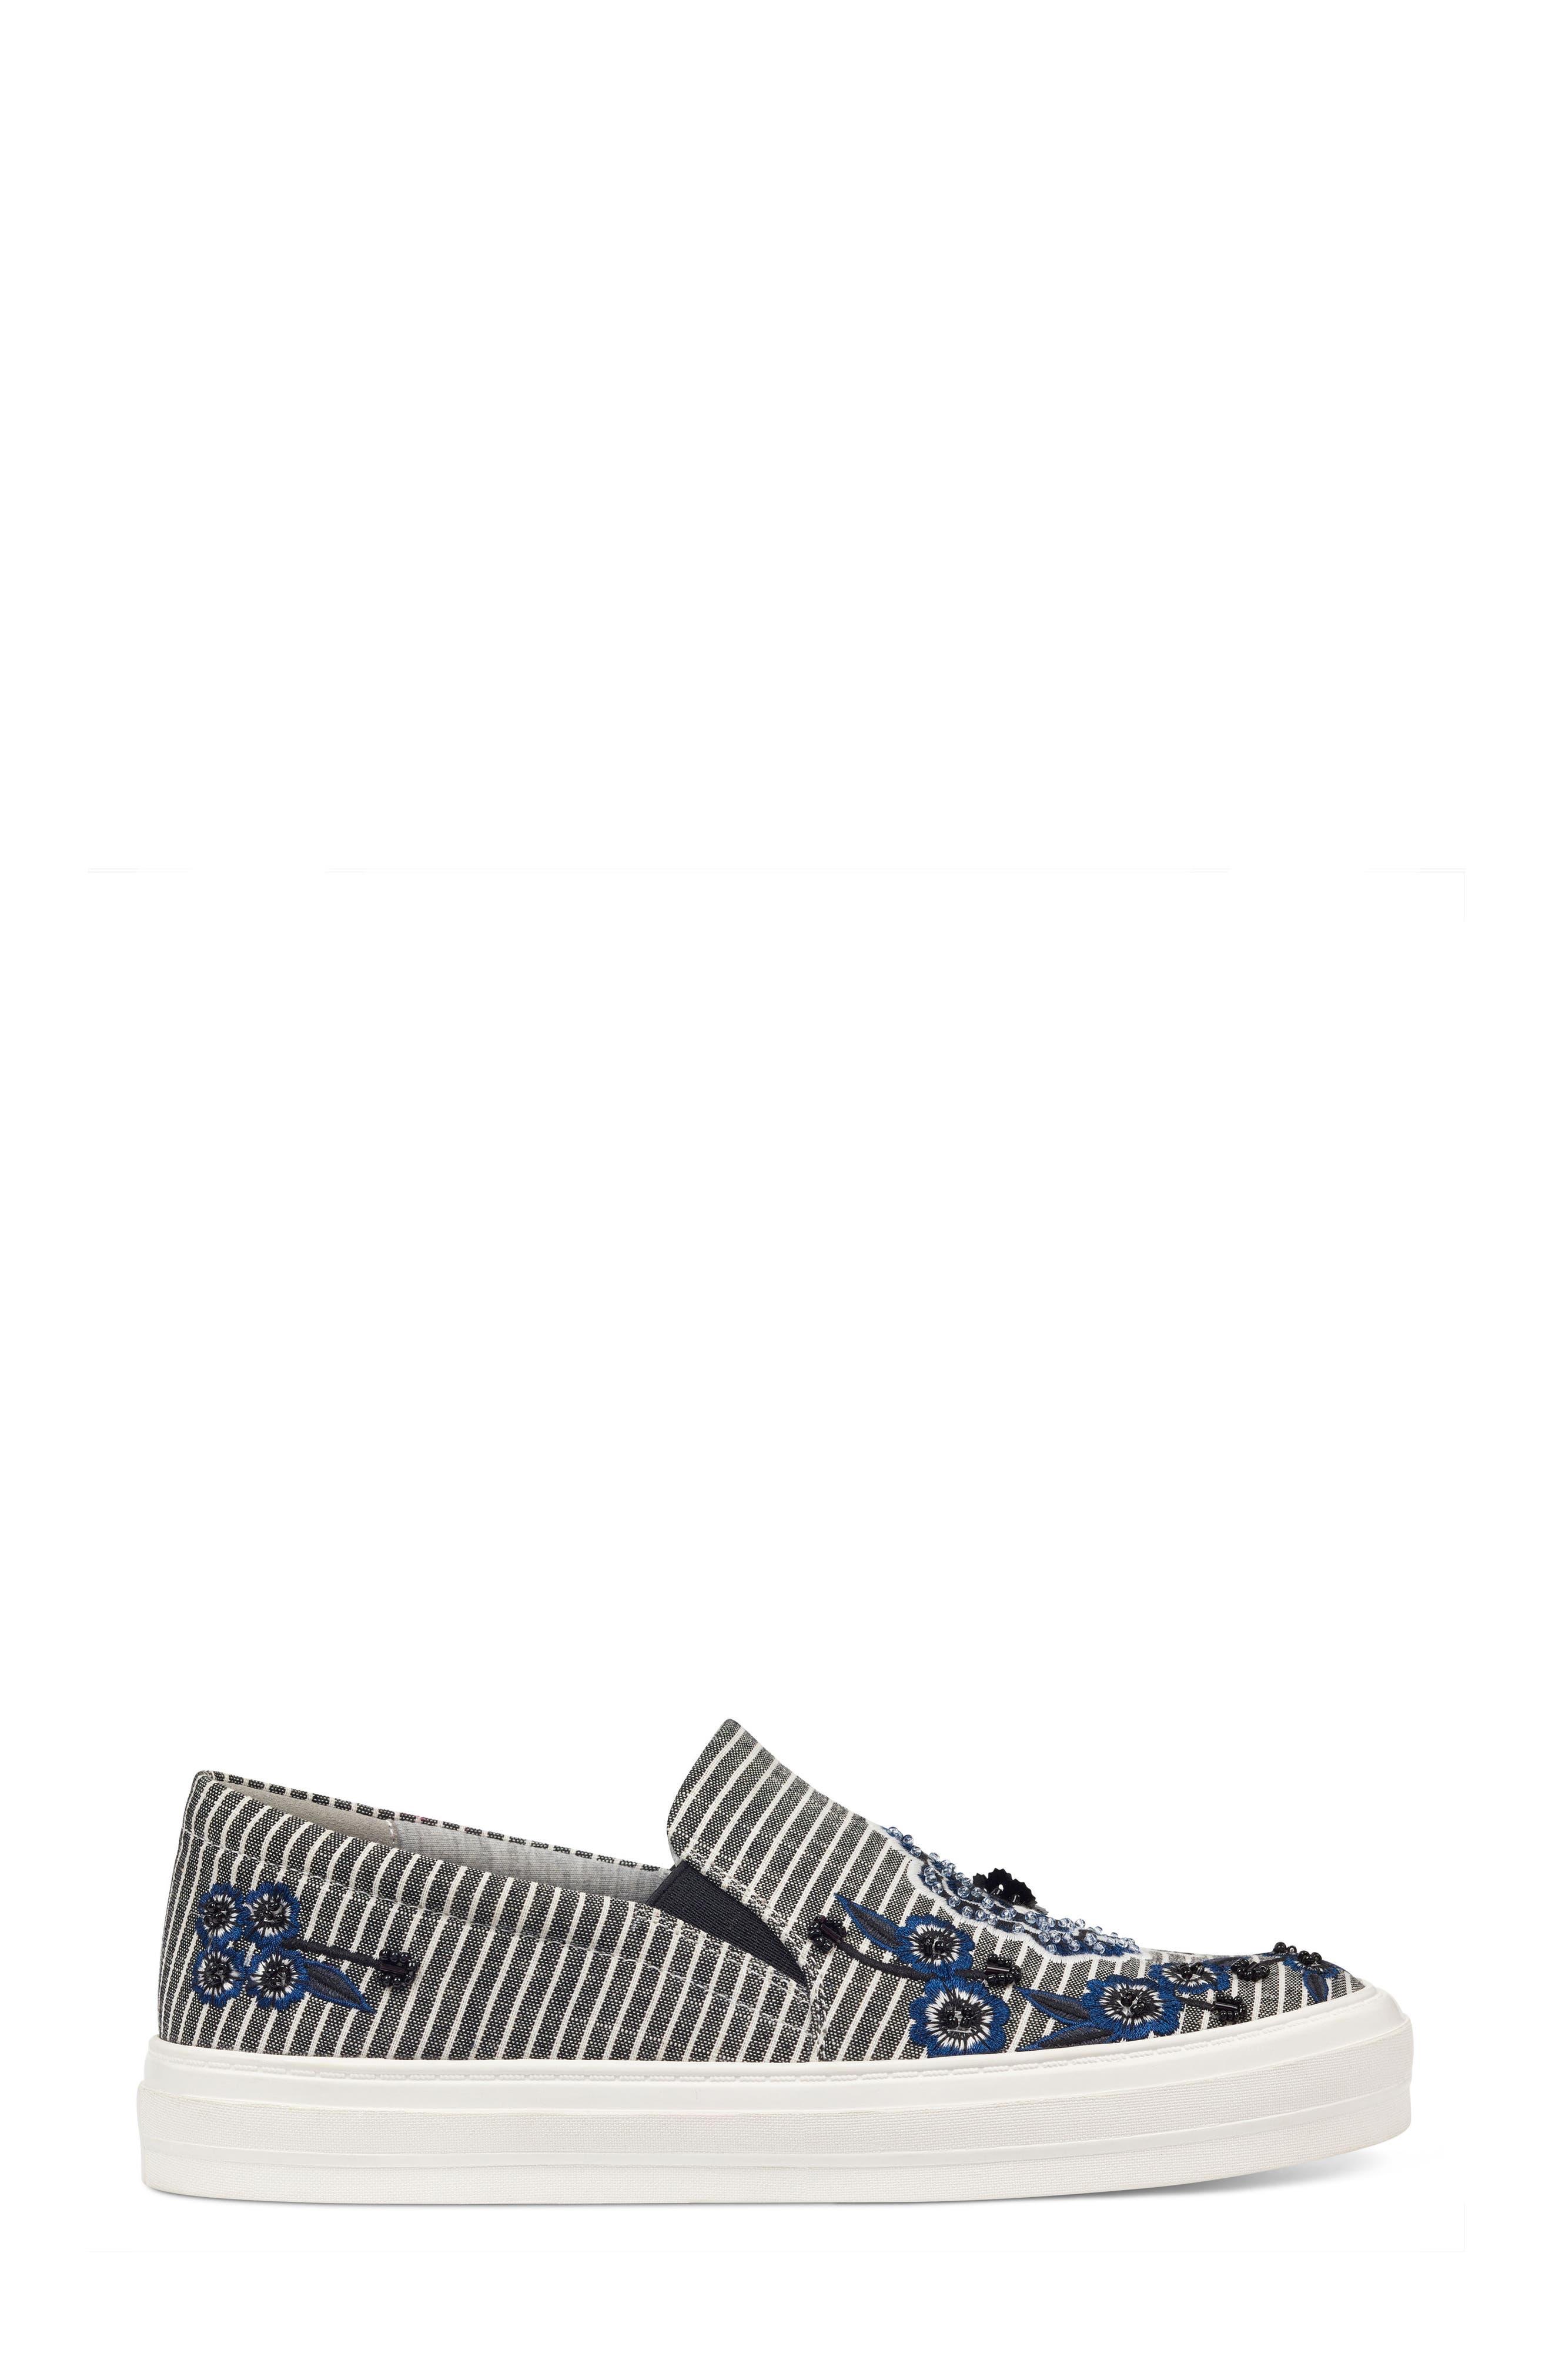 Onyeka Embroidered Slip-On Sneaker,                             Alternate thumbnail 3, color,                             001